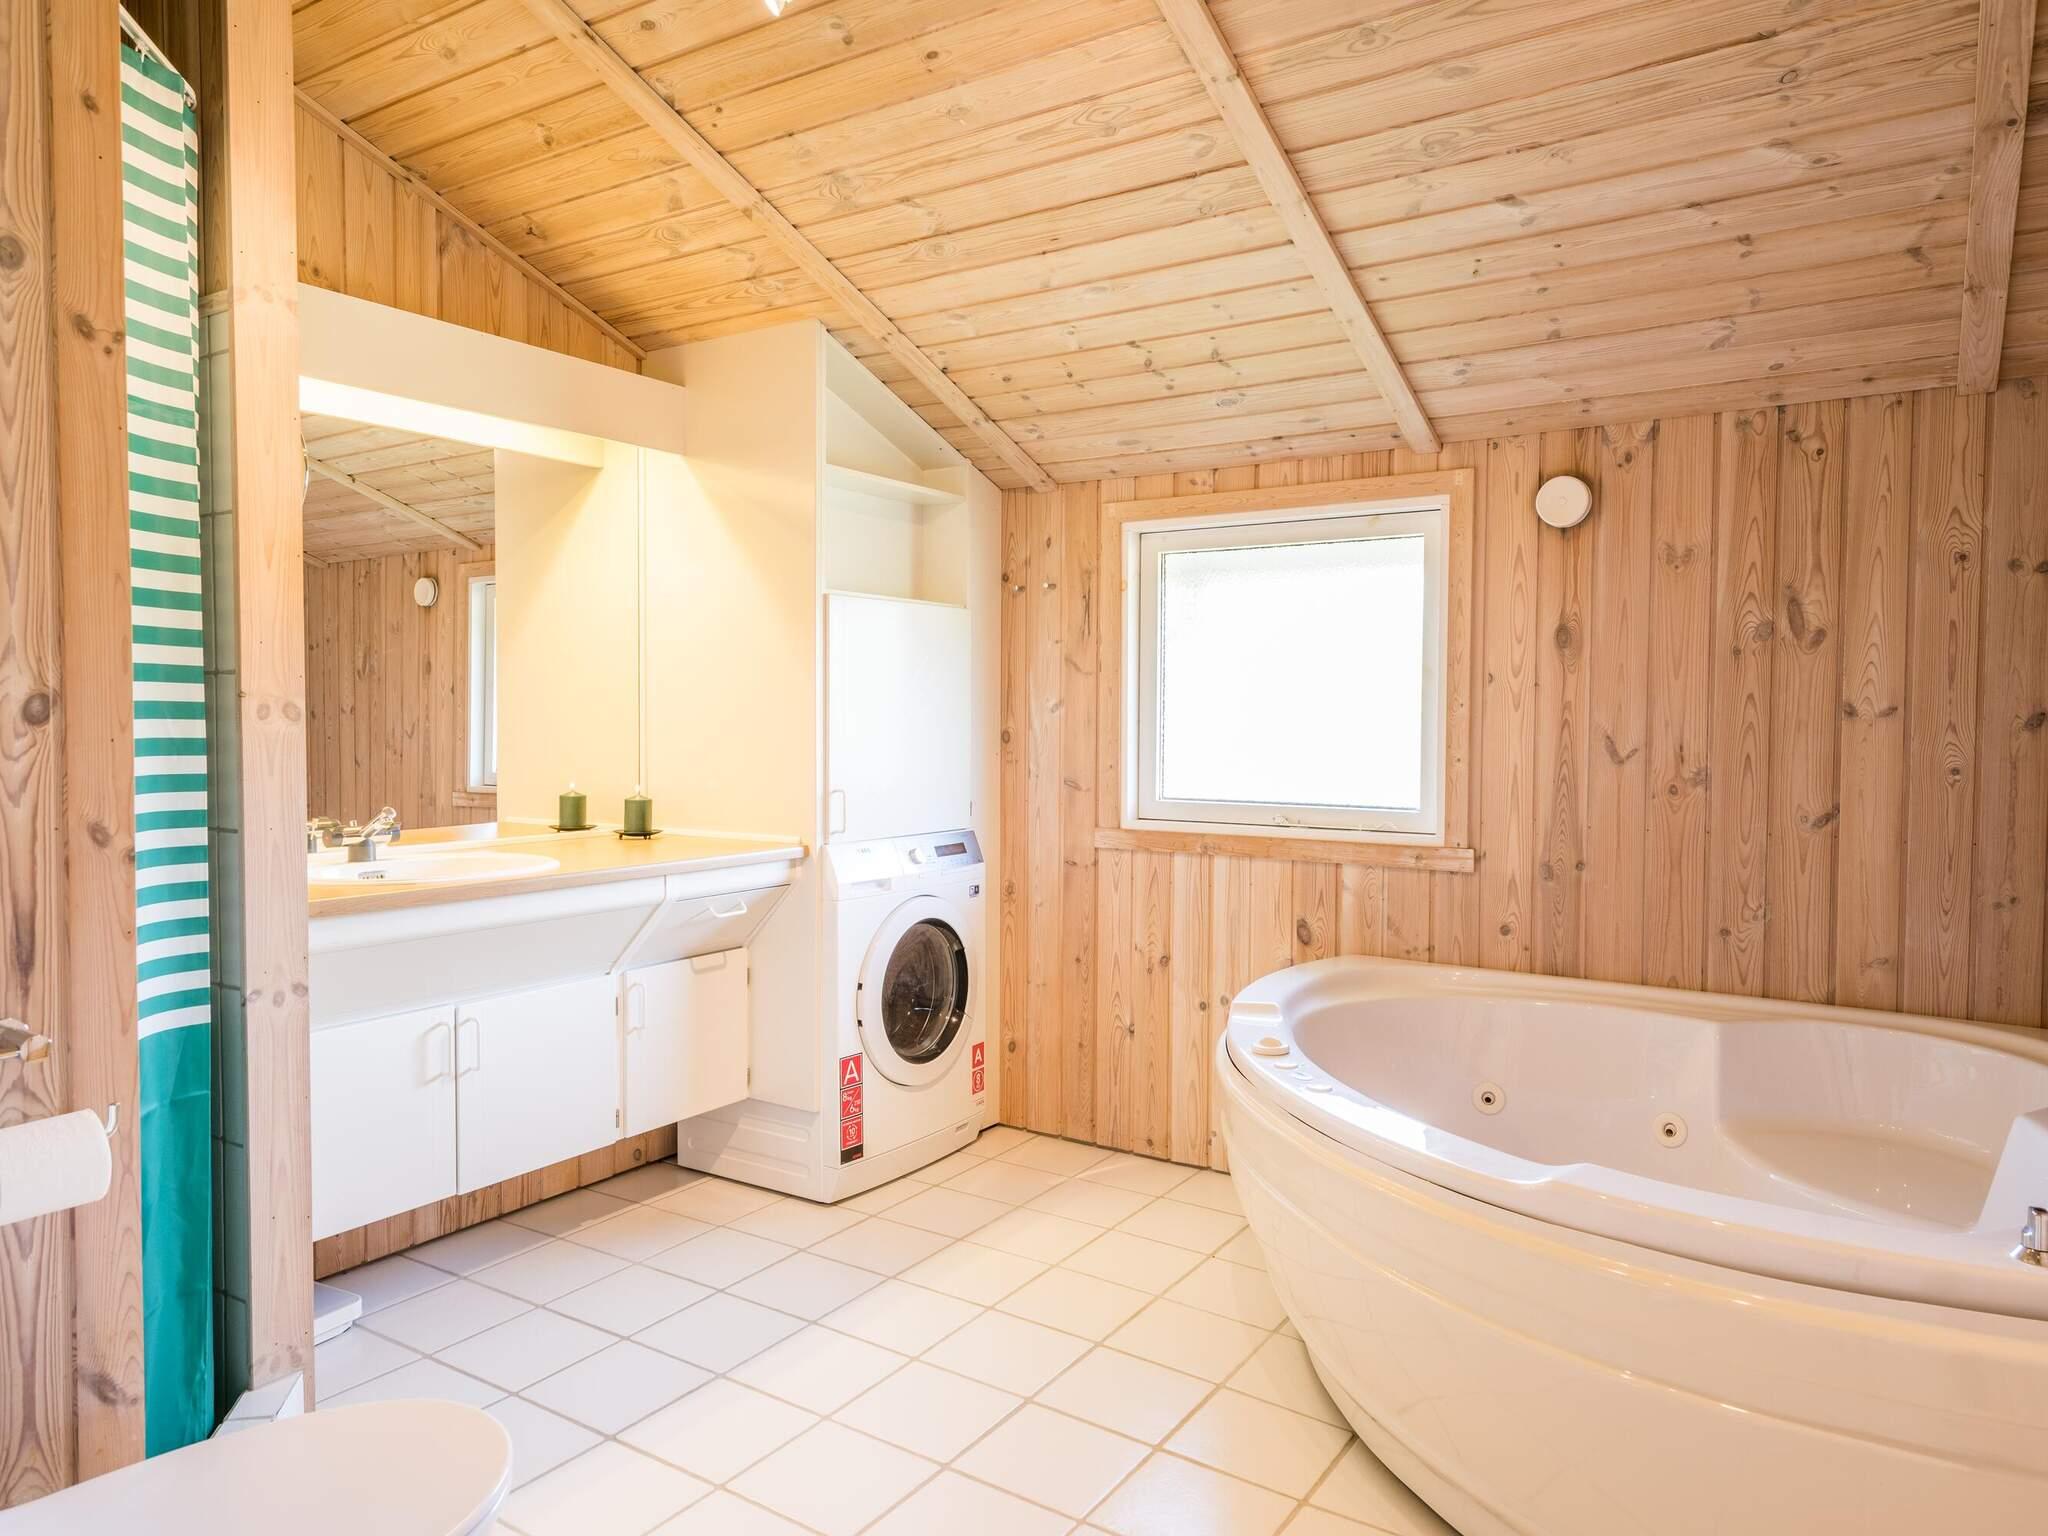 Ferienhaus Grærup (2818099), Grærup, , Westjütland, Dänemark, Bild 22